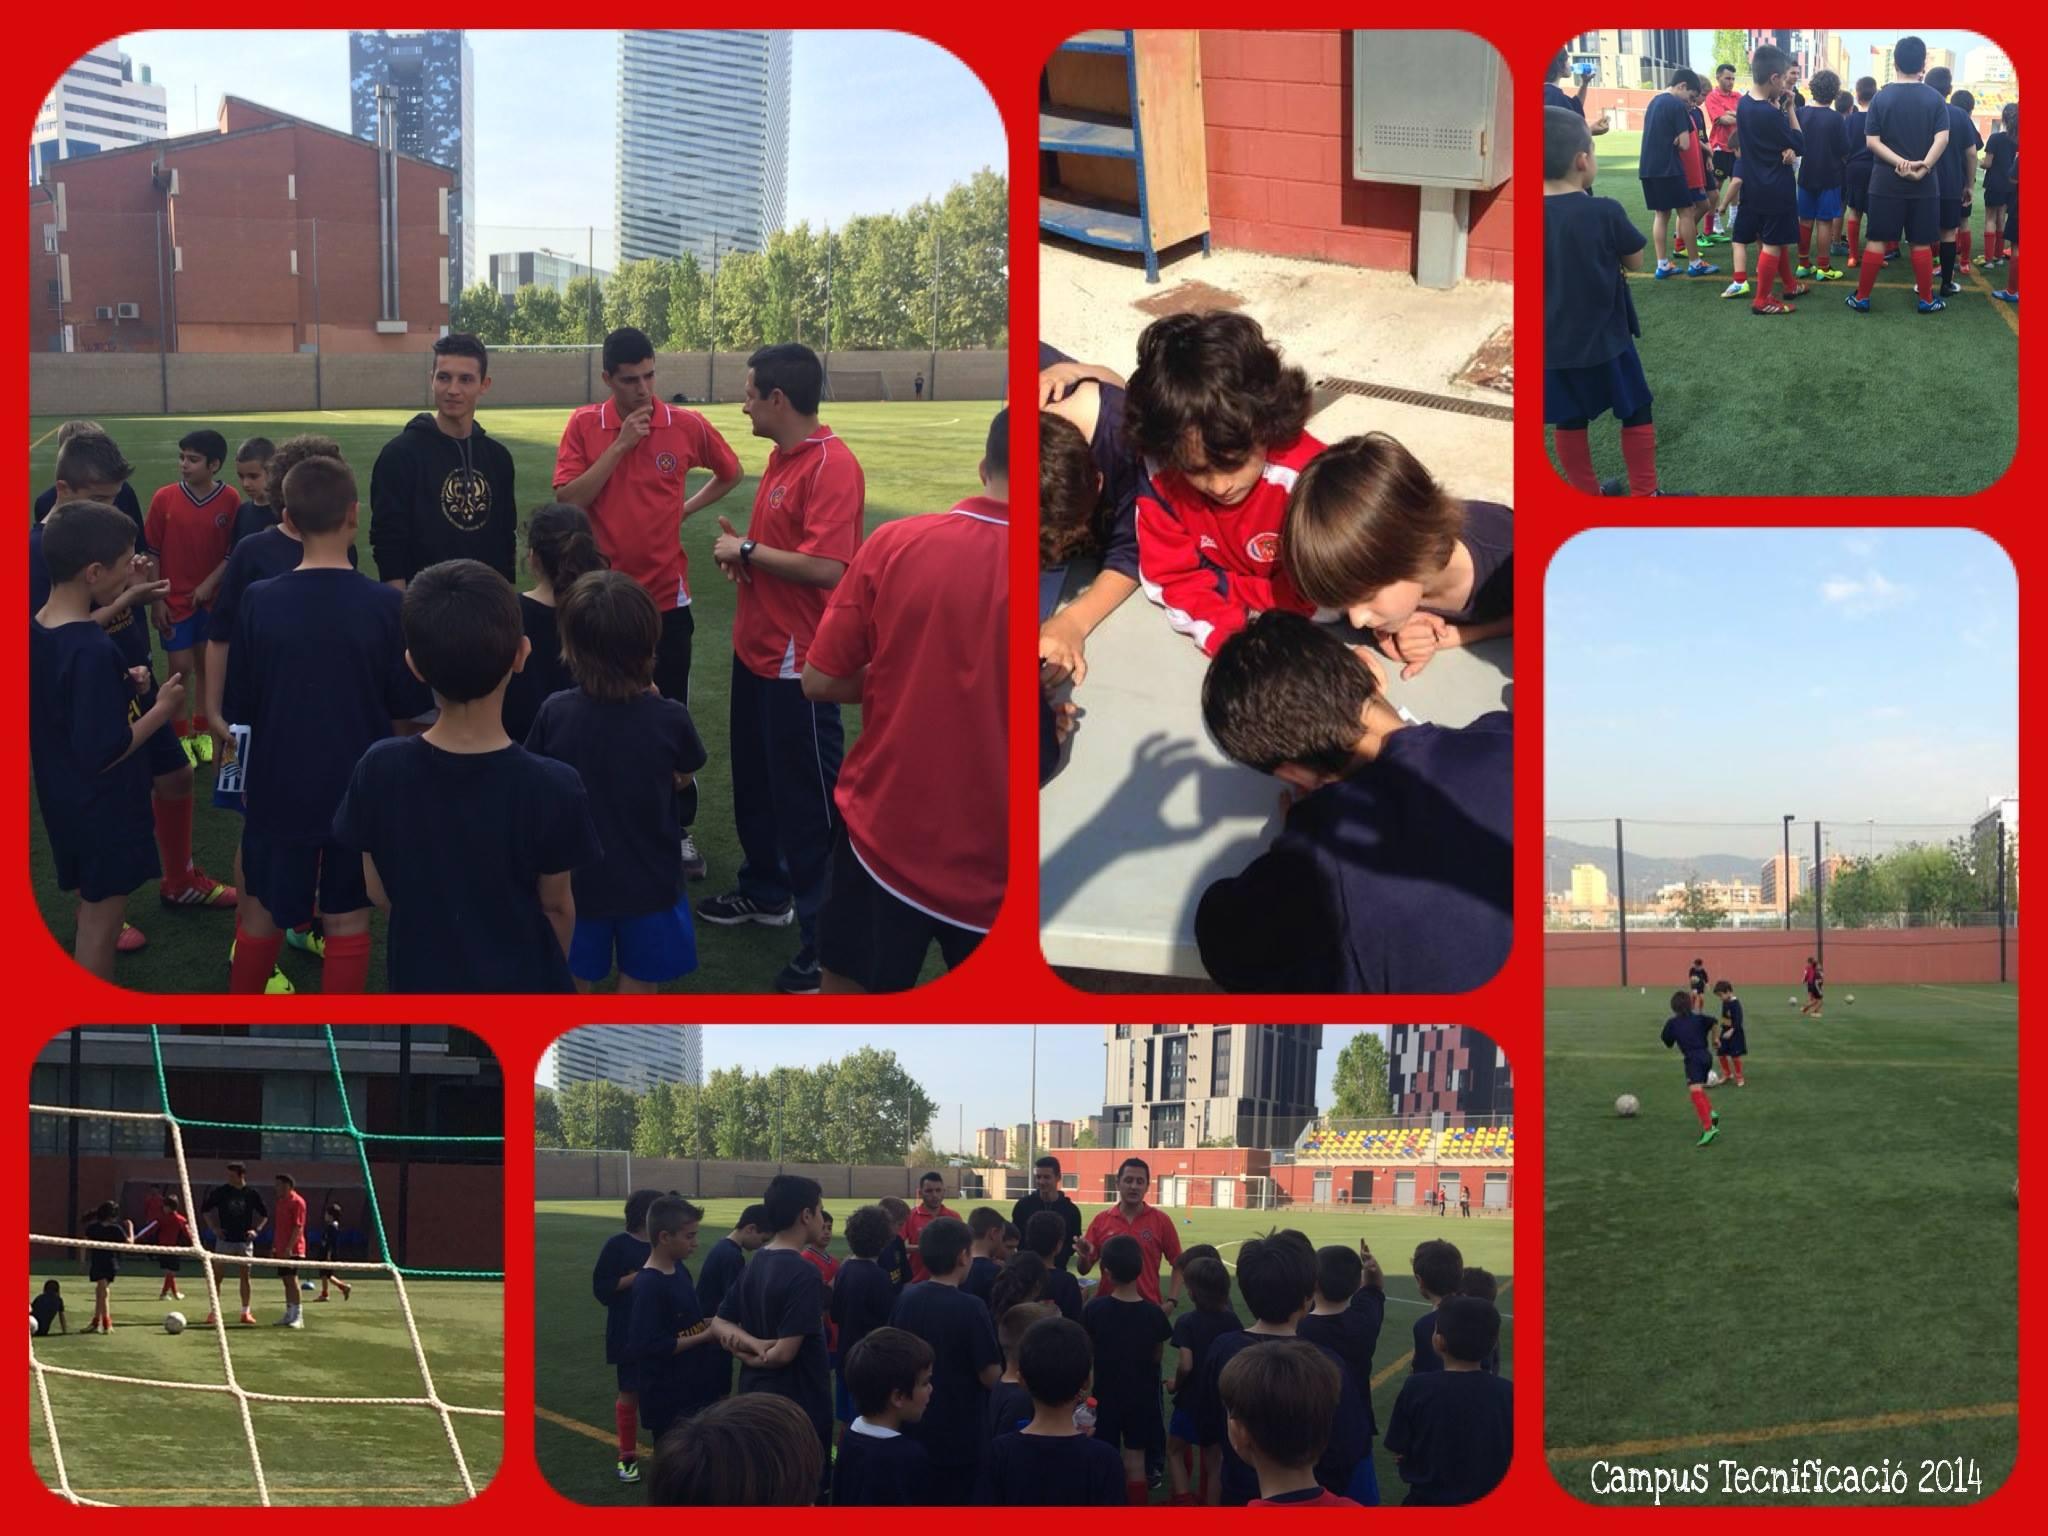 Visita del David Babunski al Campus de Primavera quan era jugador del FC Barcelona B (2014)